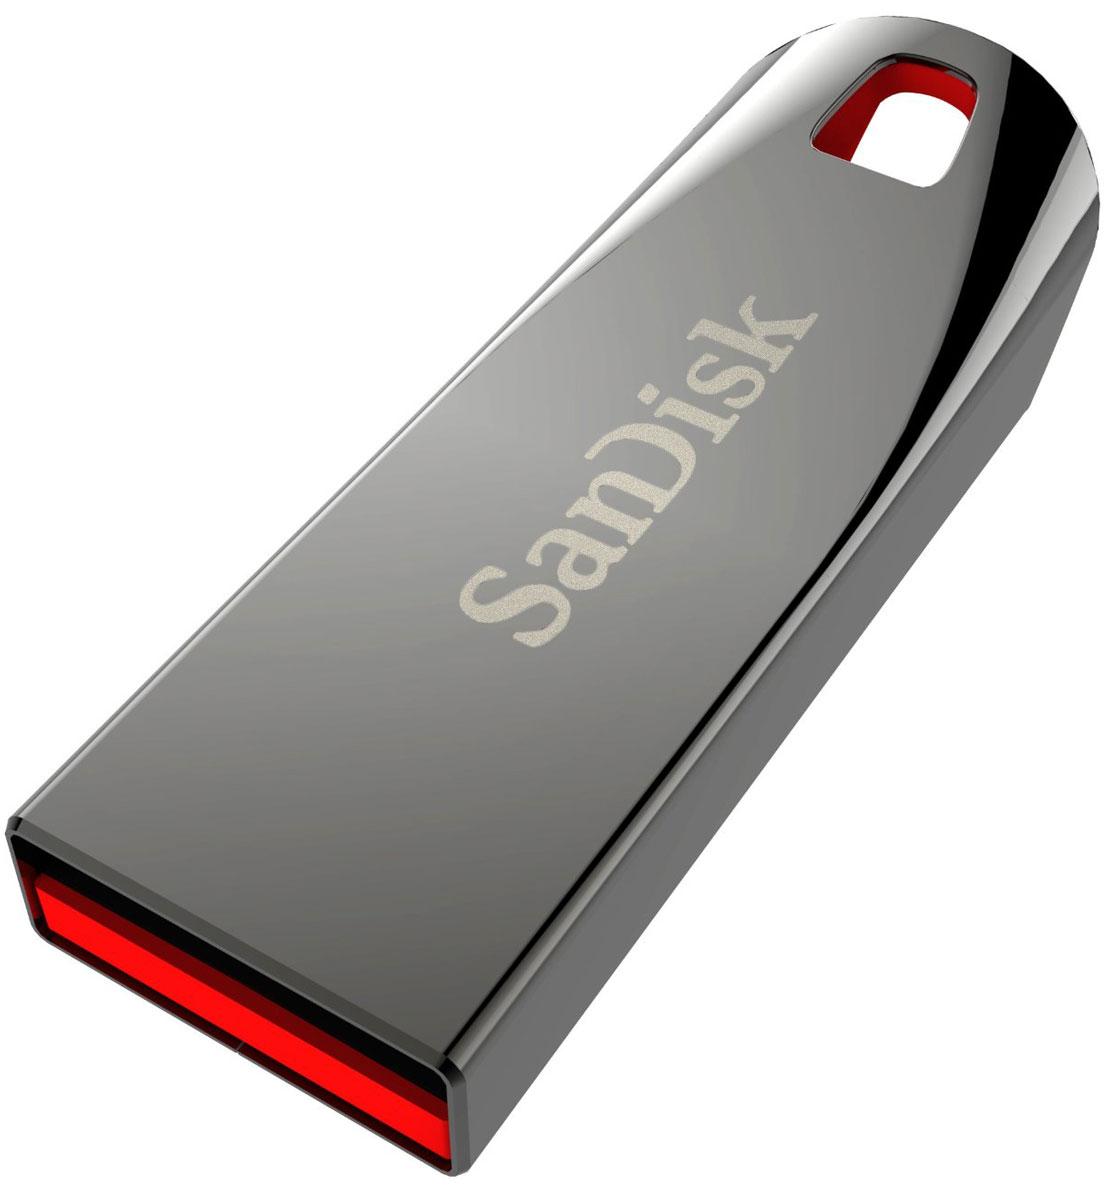 Фото - SanDisk Cruzer Force 64GB, Metallic USB-накопитель видео